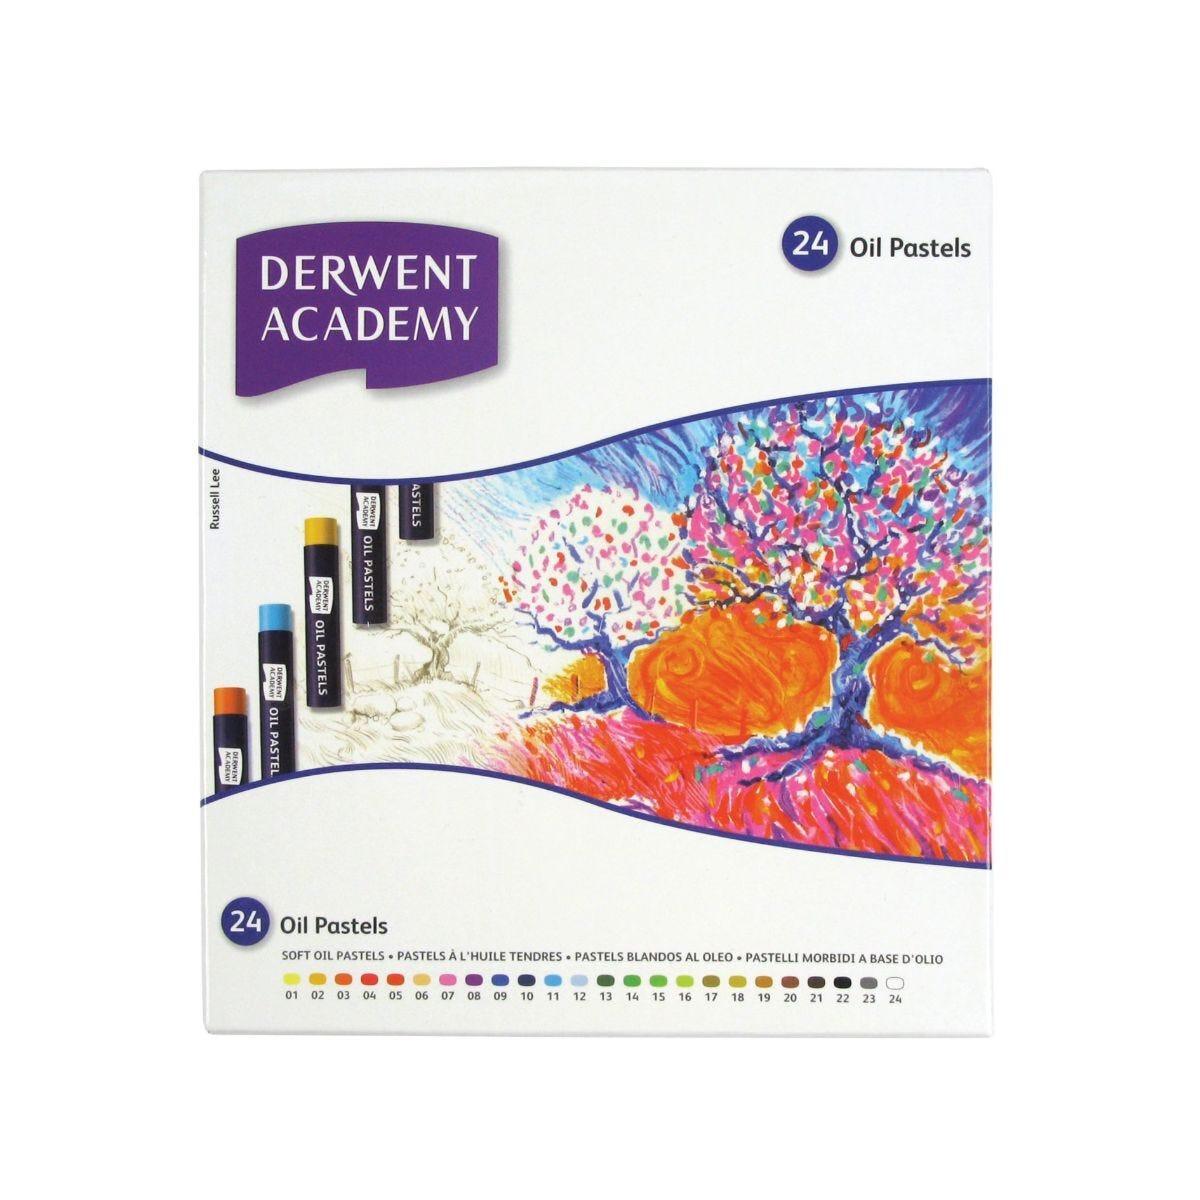 Derwent Academy Oil Pastels Set of 24